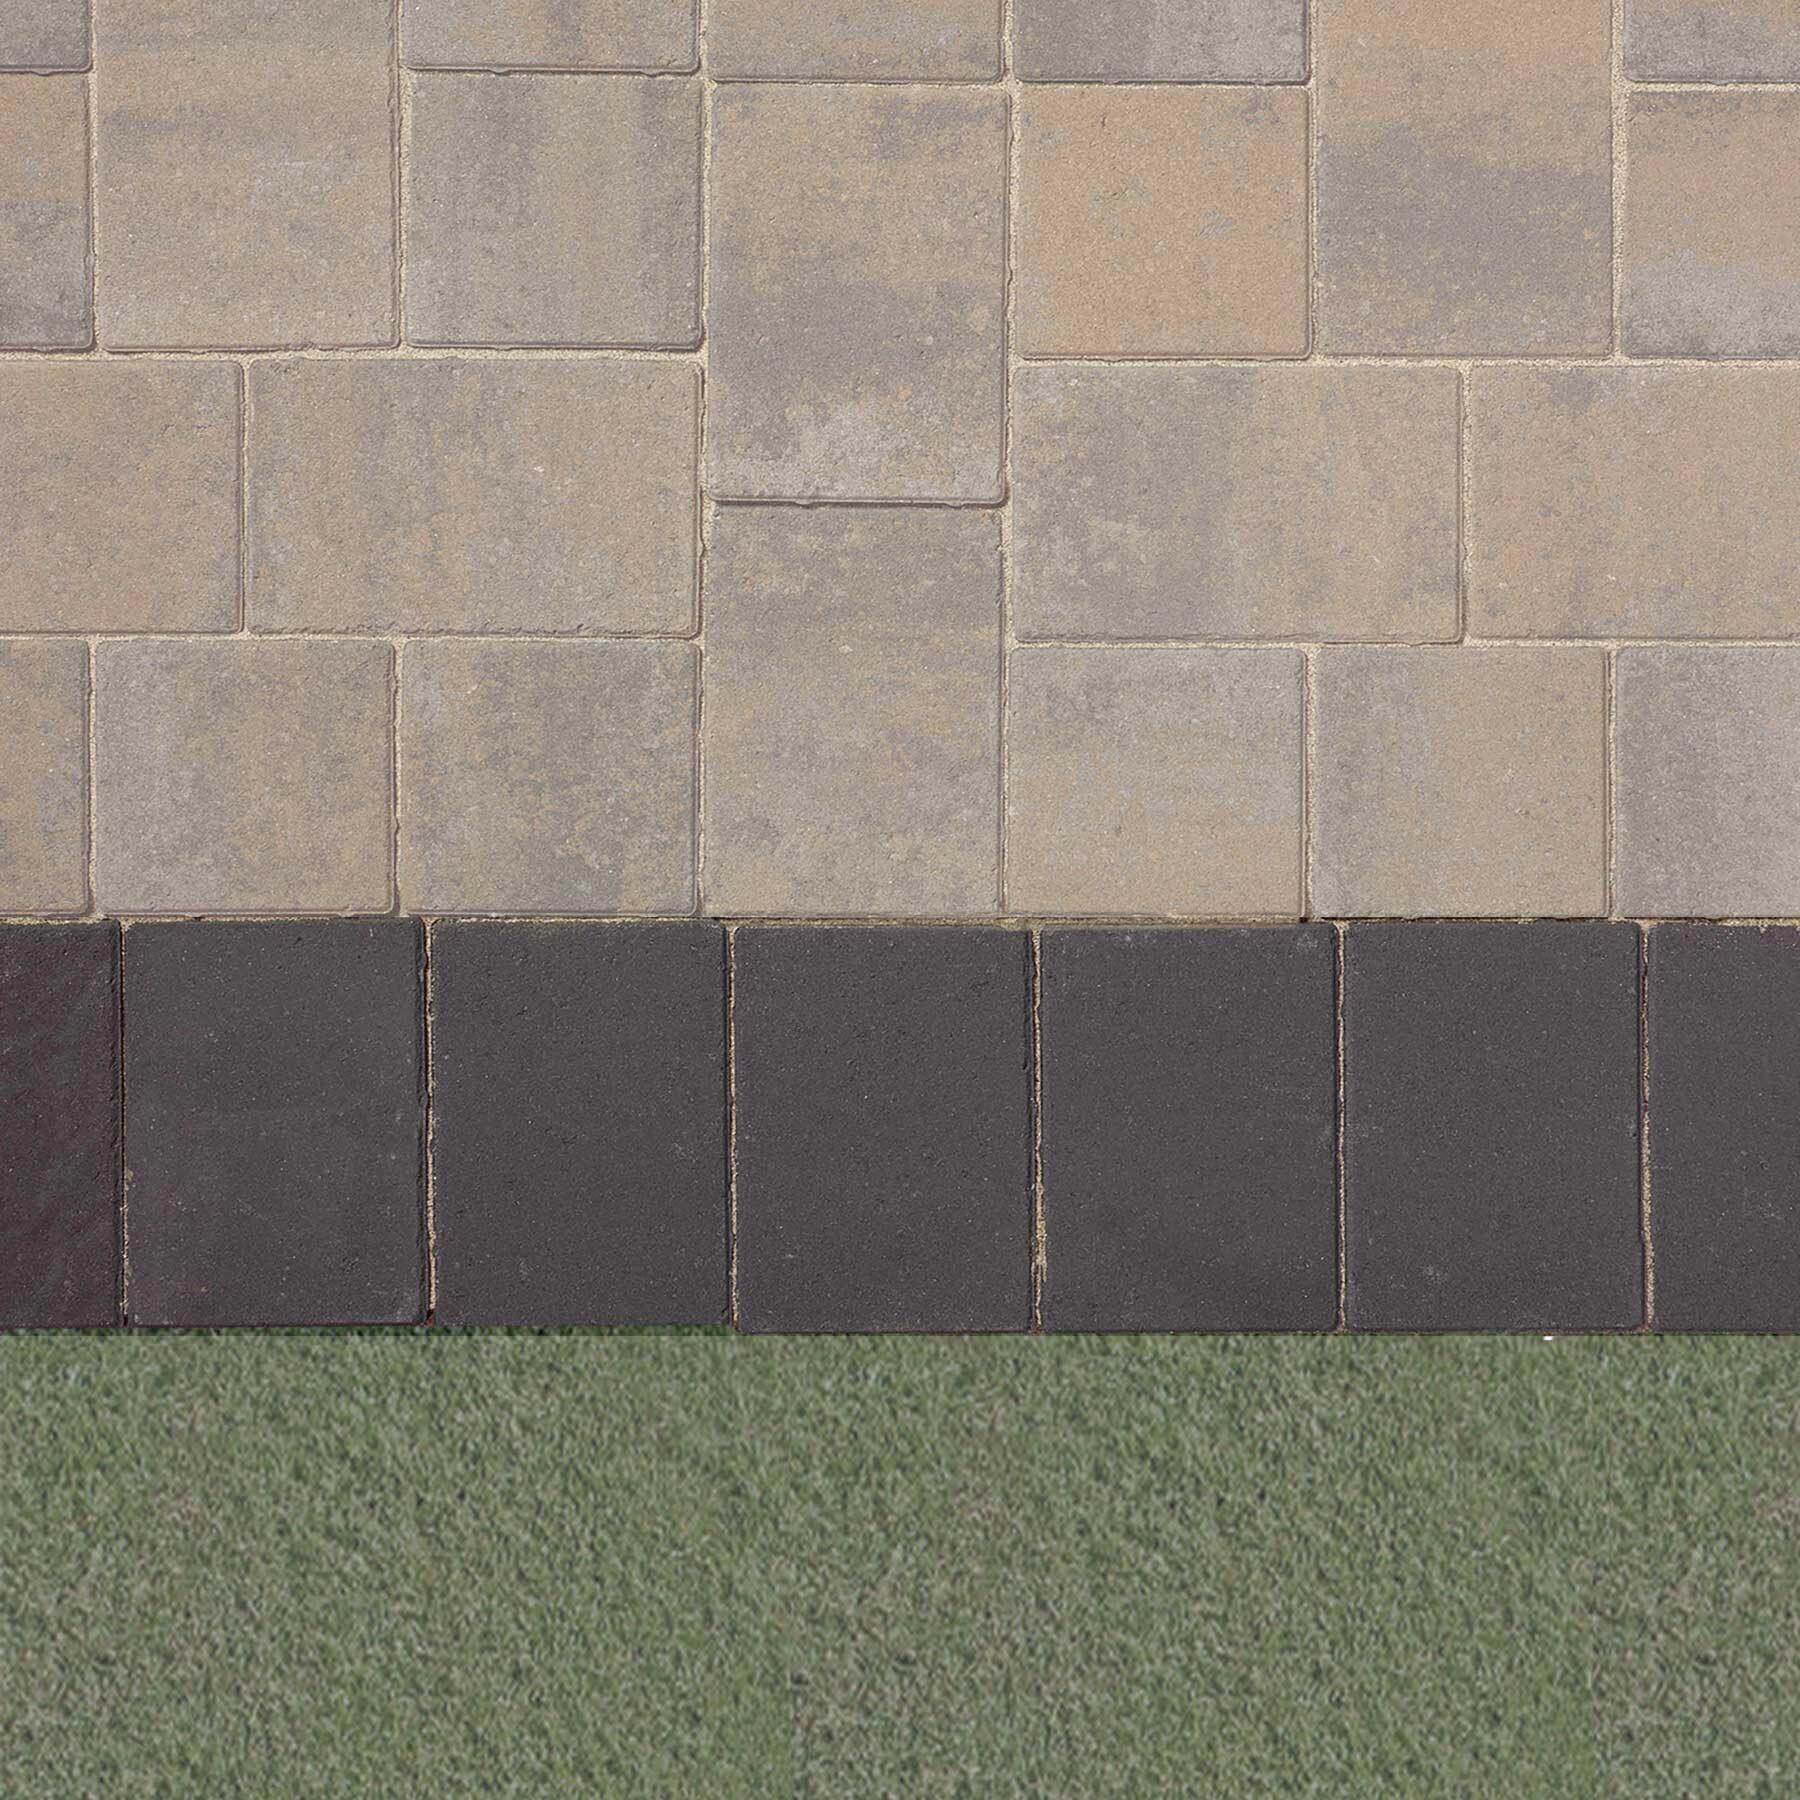 Artisan Slate Charcoal Border Paver